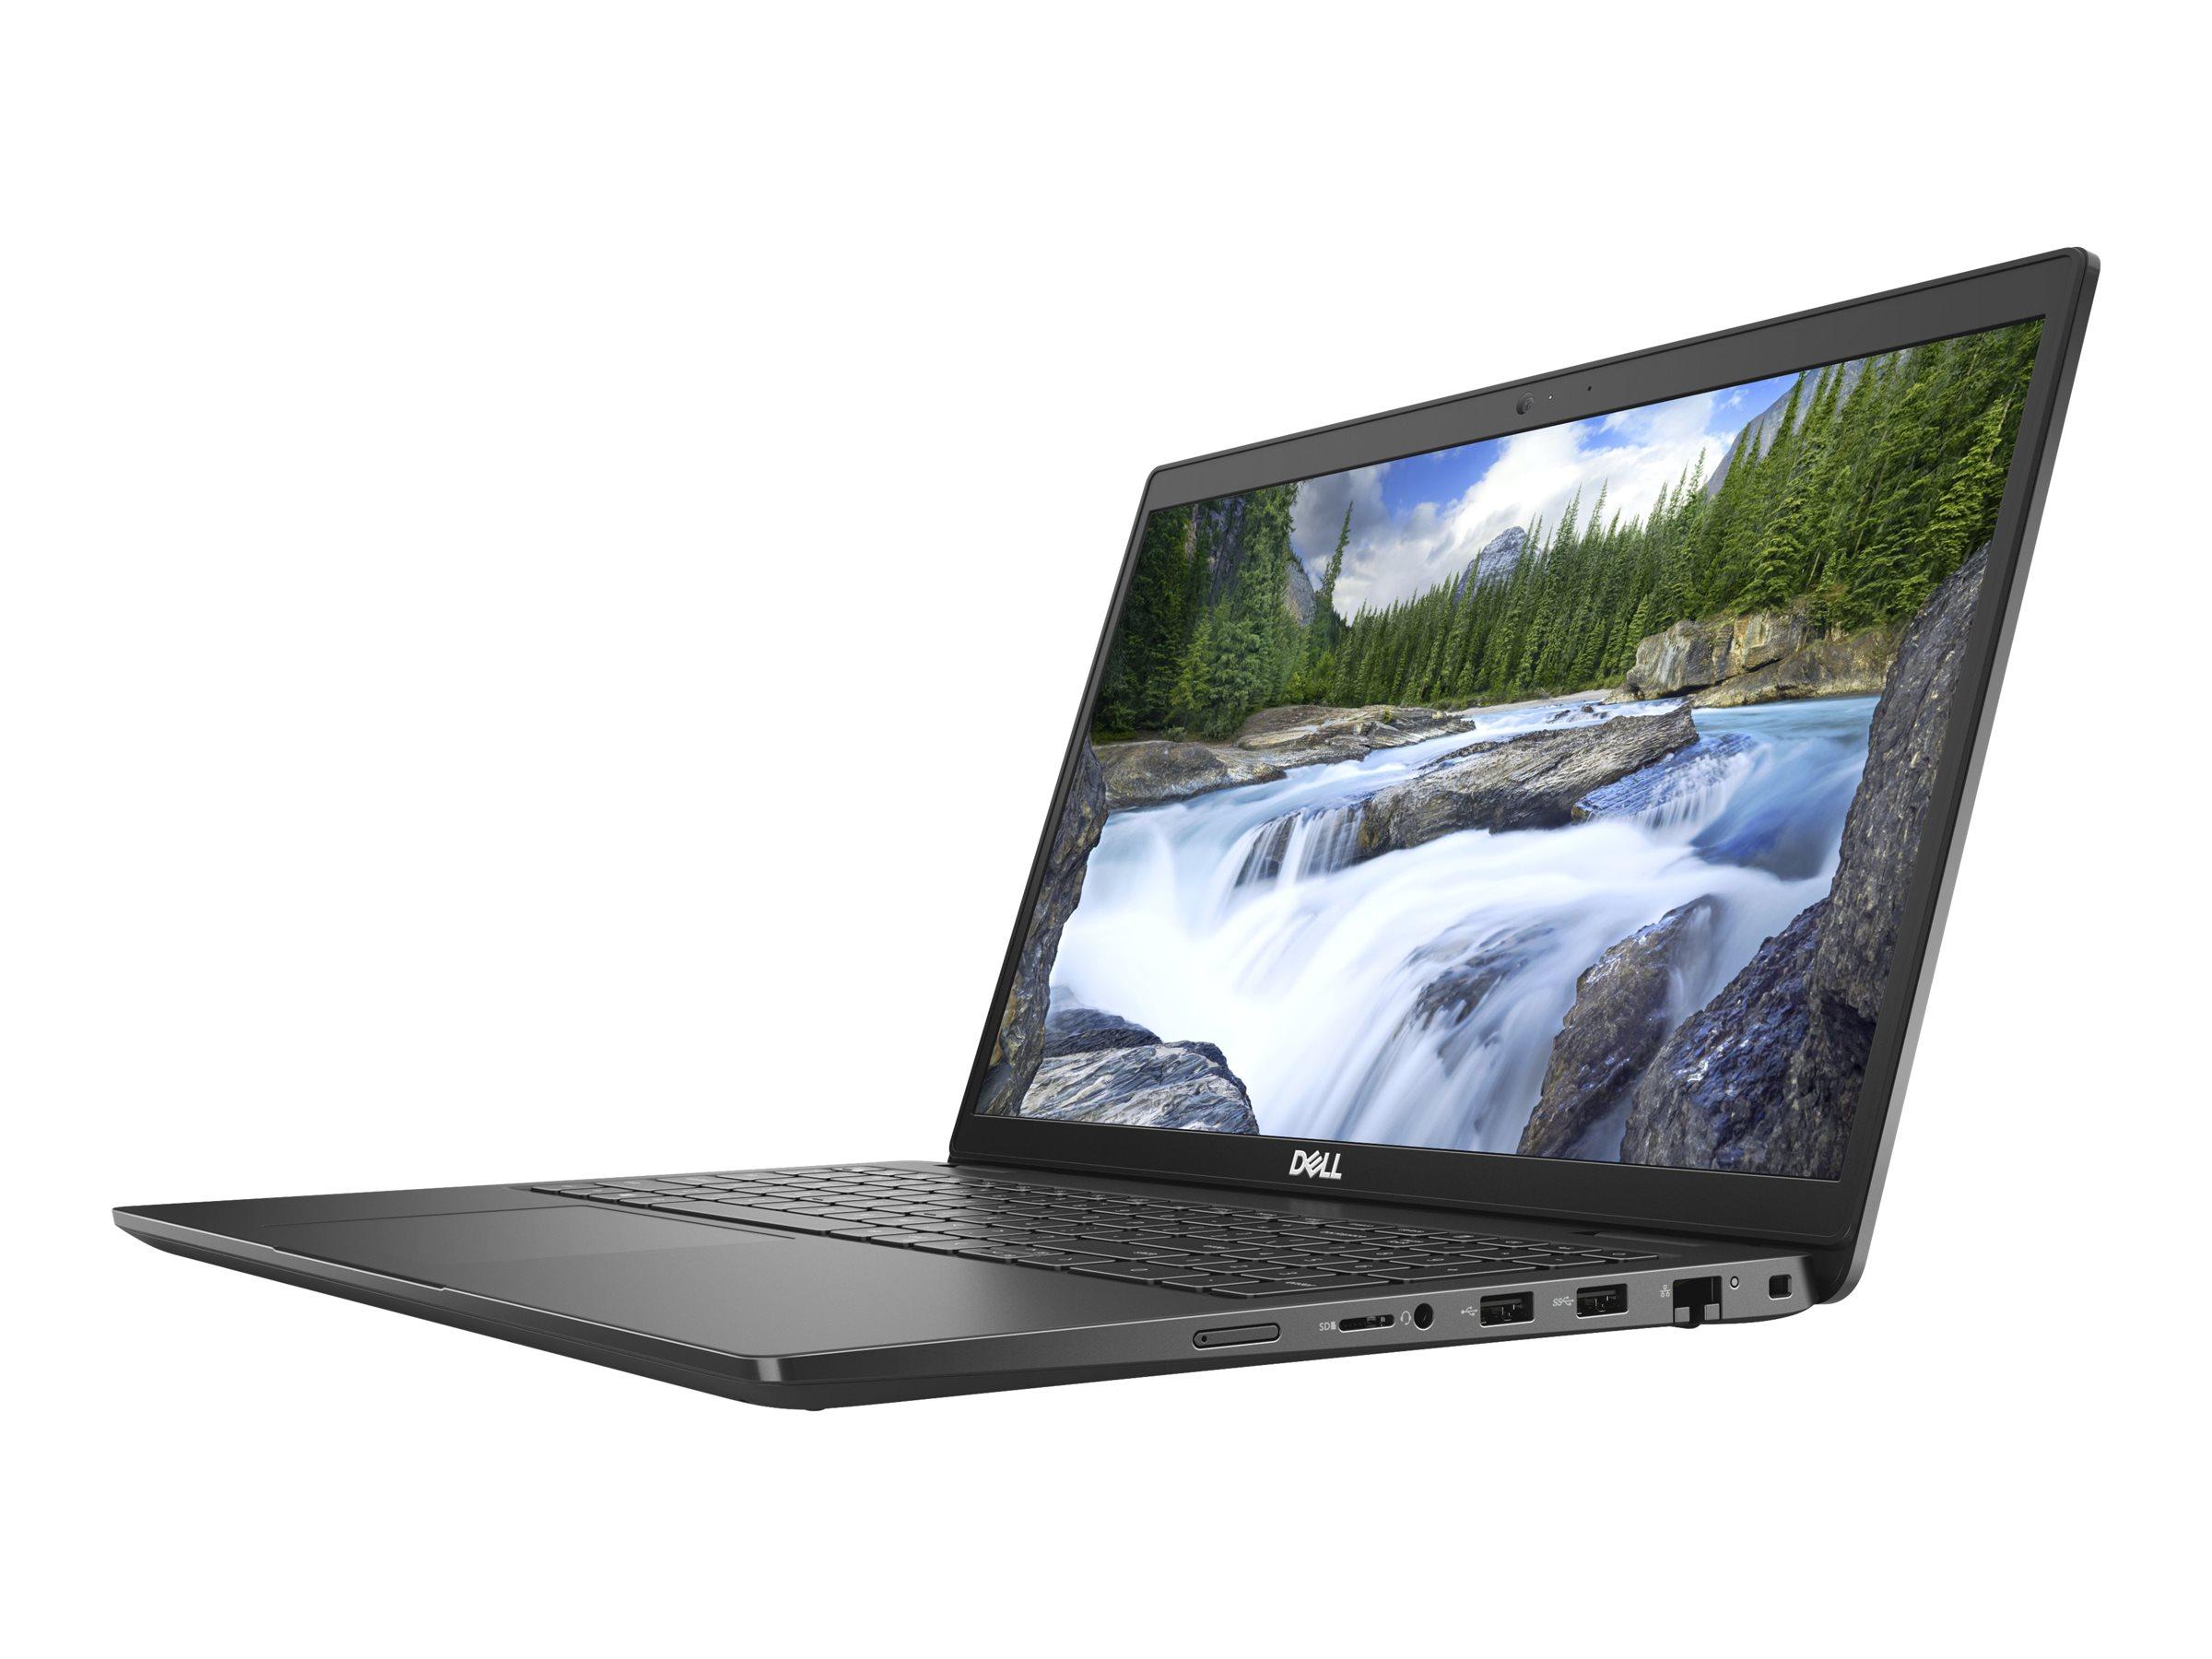 Dell Latitude 3520 - Core i5 1135G7 / 2.4 GHz - Win 10 Pro 64-Bit - 8 GB RAM - 256 GB SSD NVMe - 39.624 cm (15.6